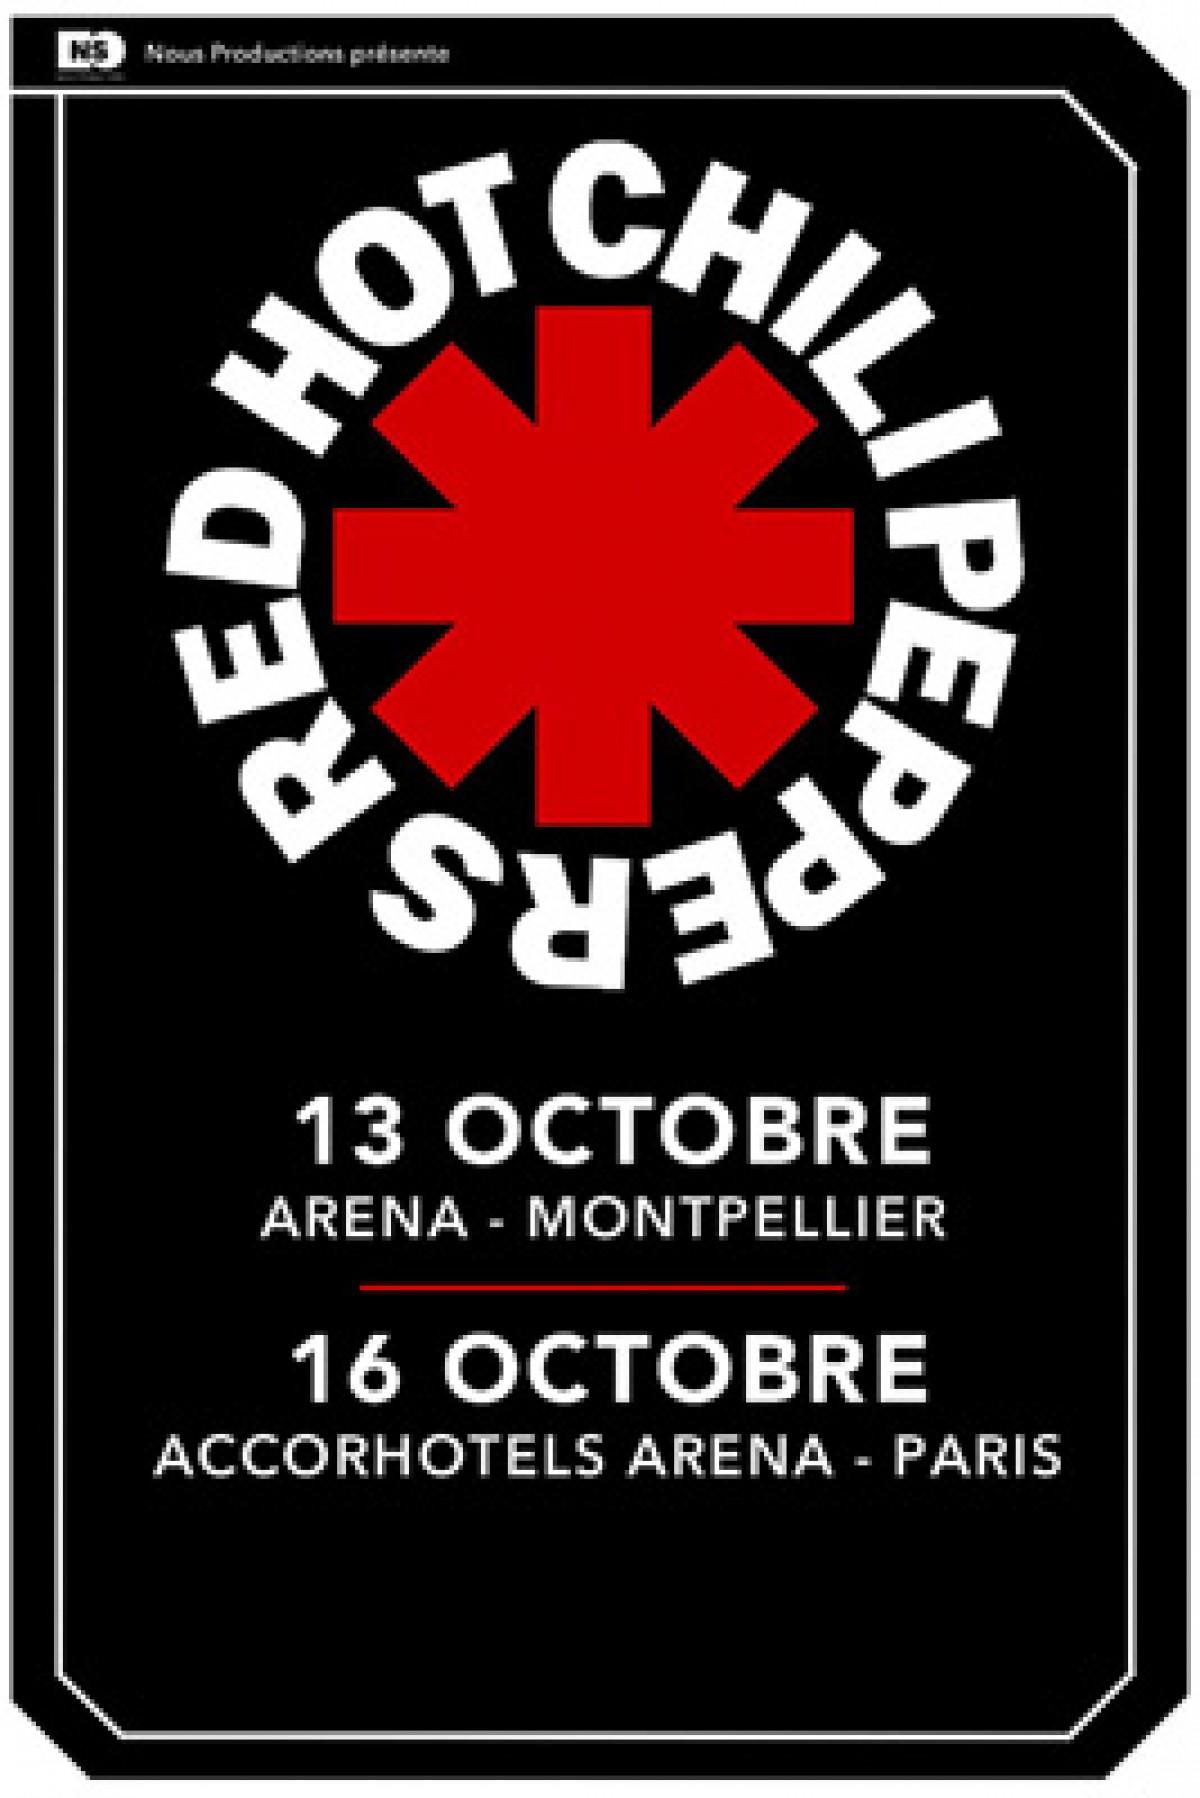 Annulation concert Montpellier